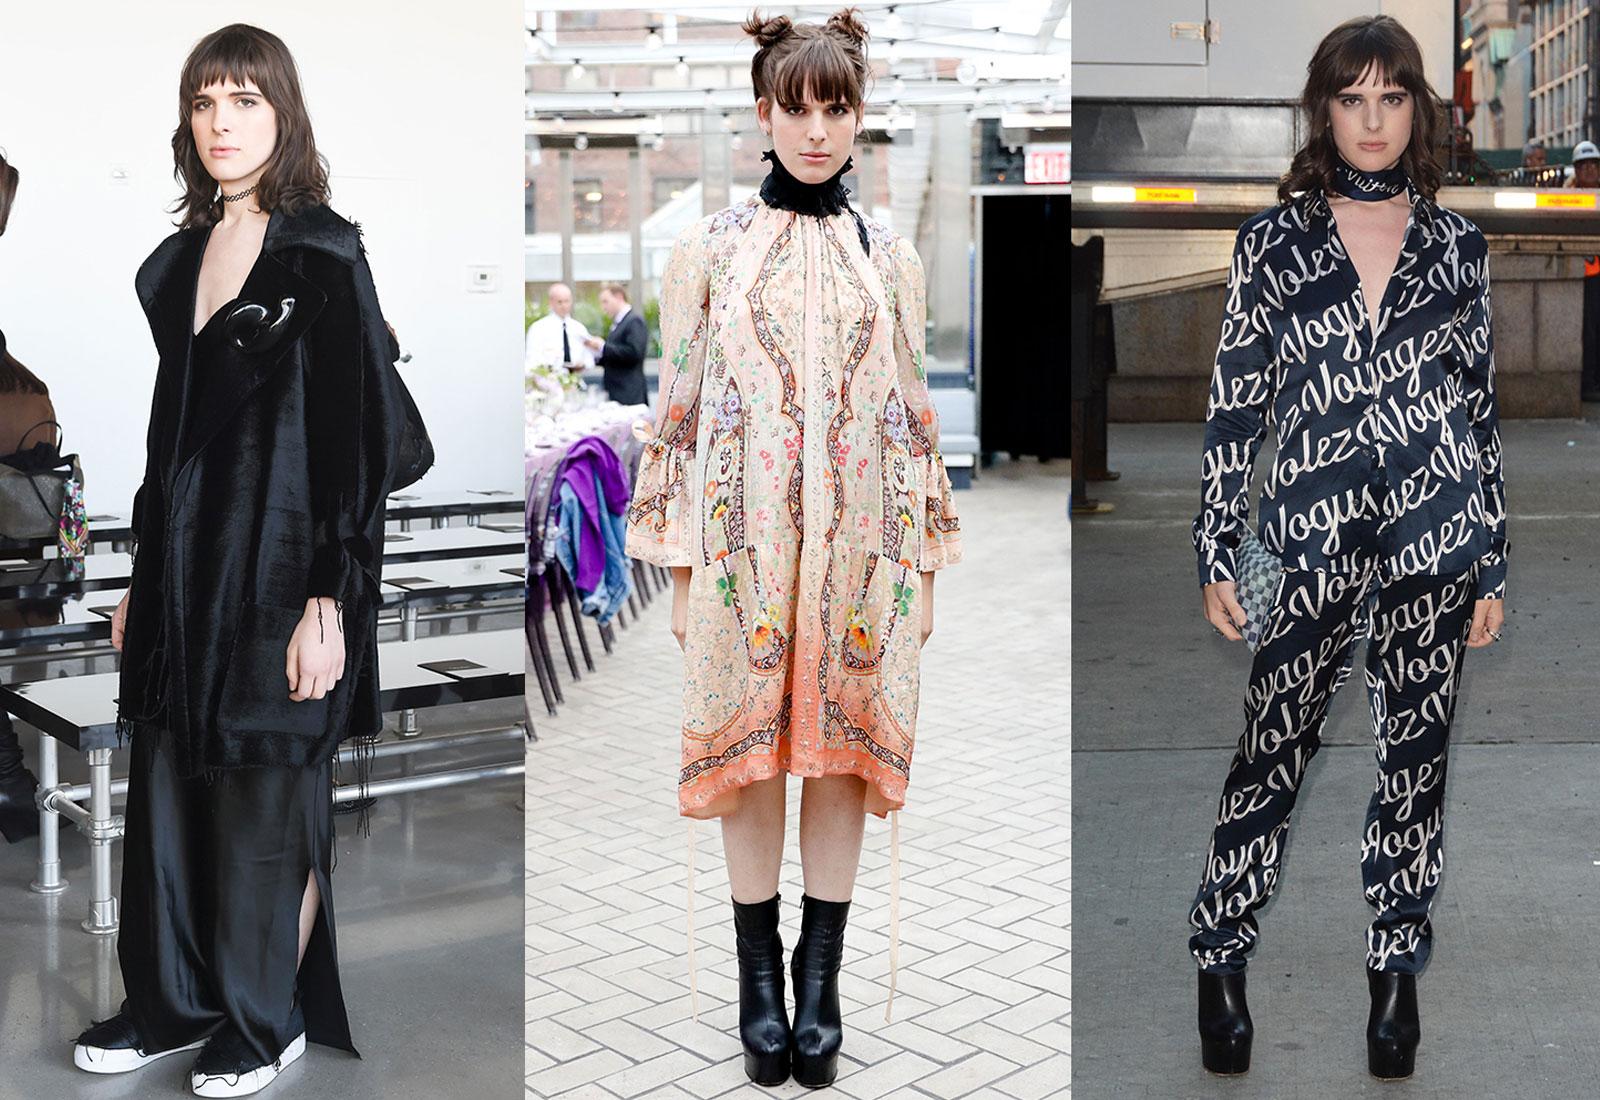 hari nef street fashion three looks 1600 x 1100